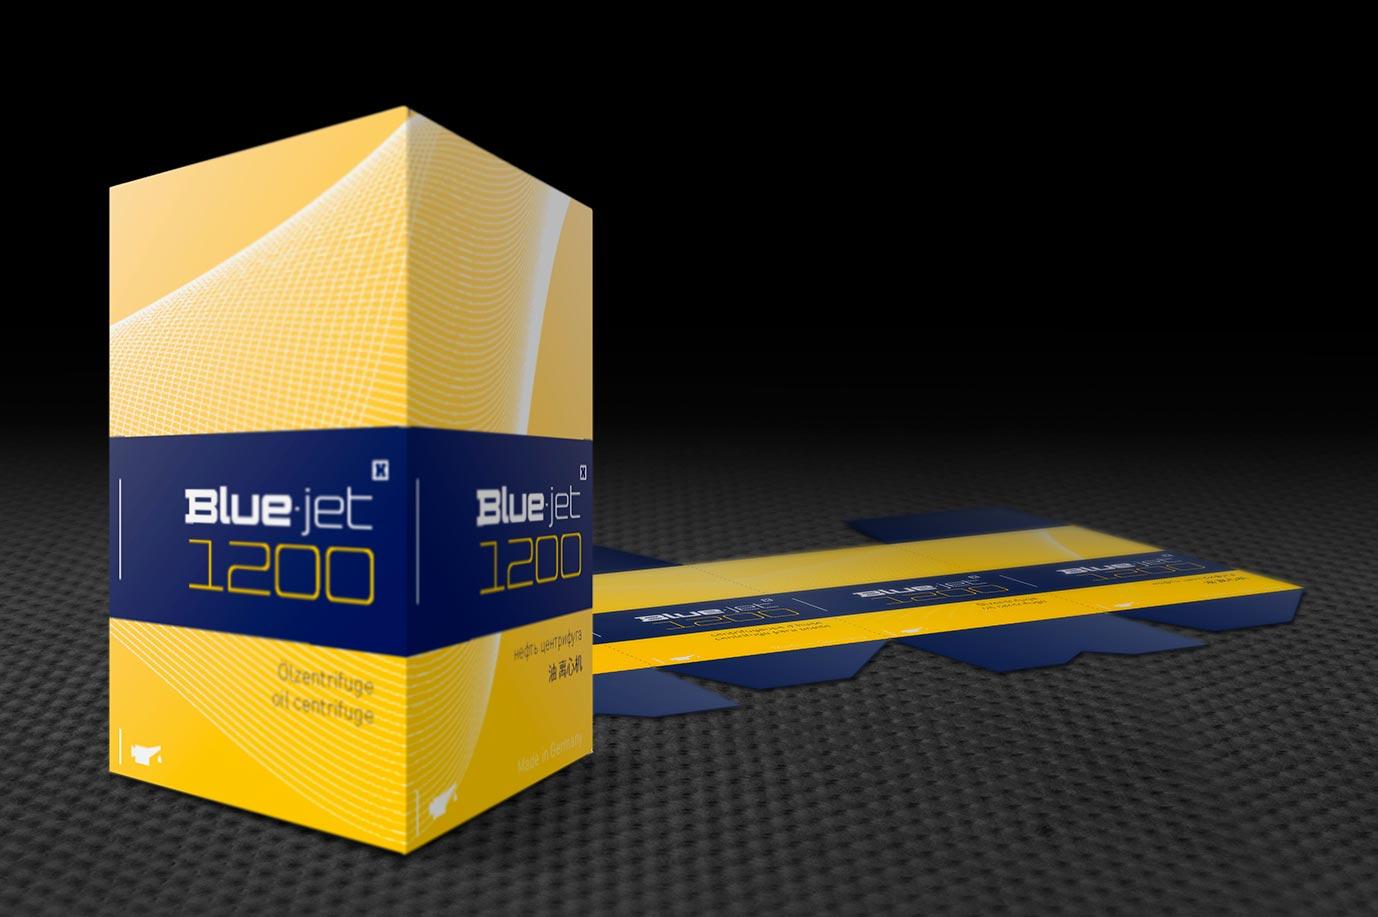 Hengst Automotive — Blue·jet